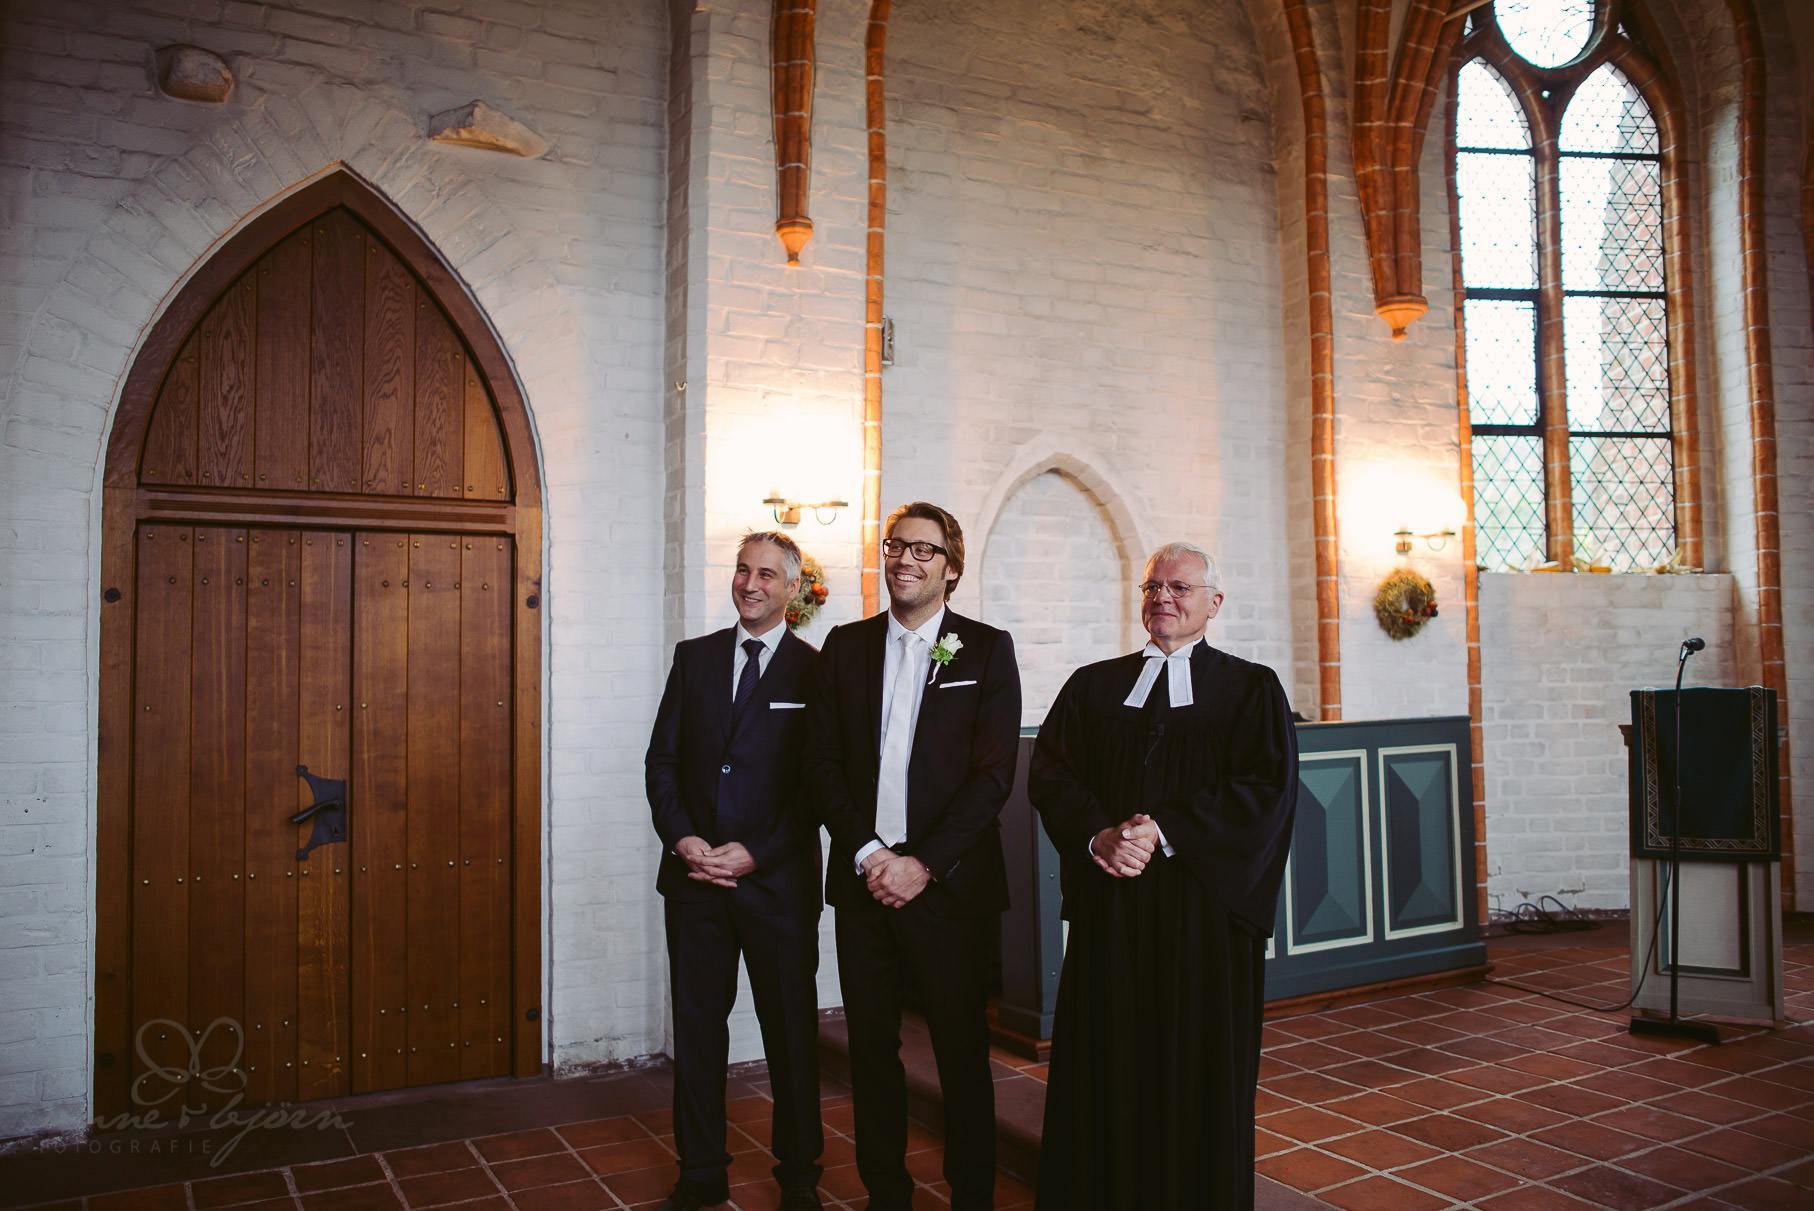 0042 aub 811 5065 - Hochzeit auf Gut Thansen - Anja & Björn